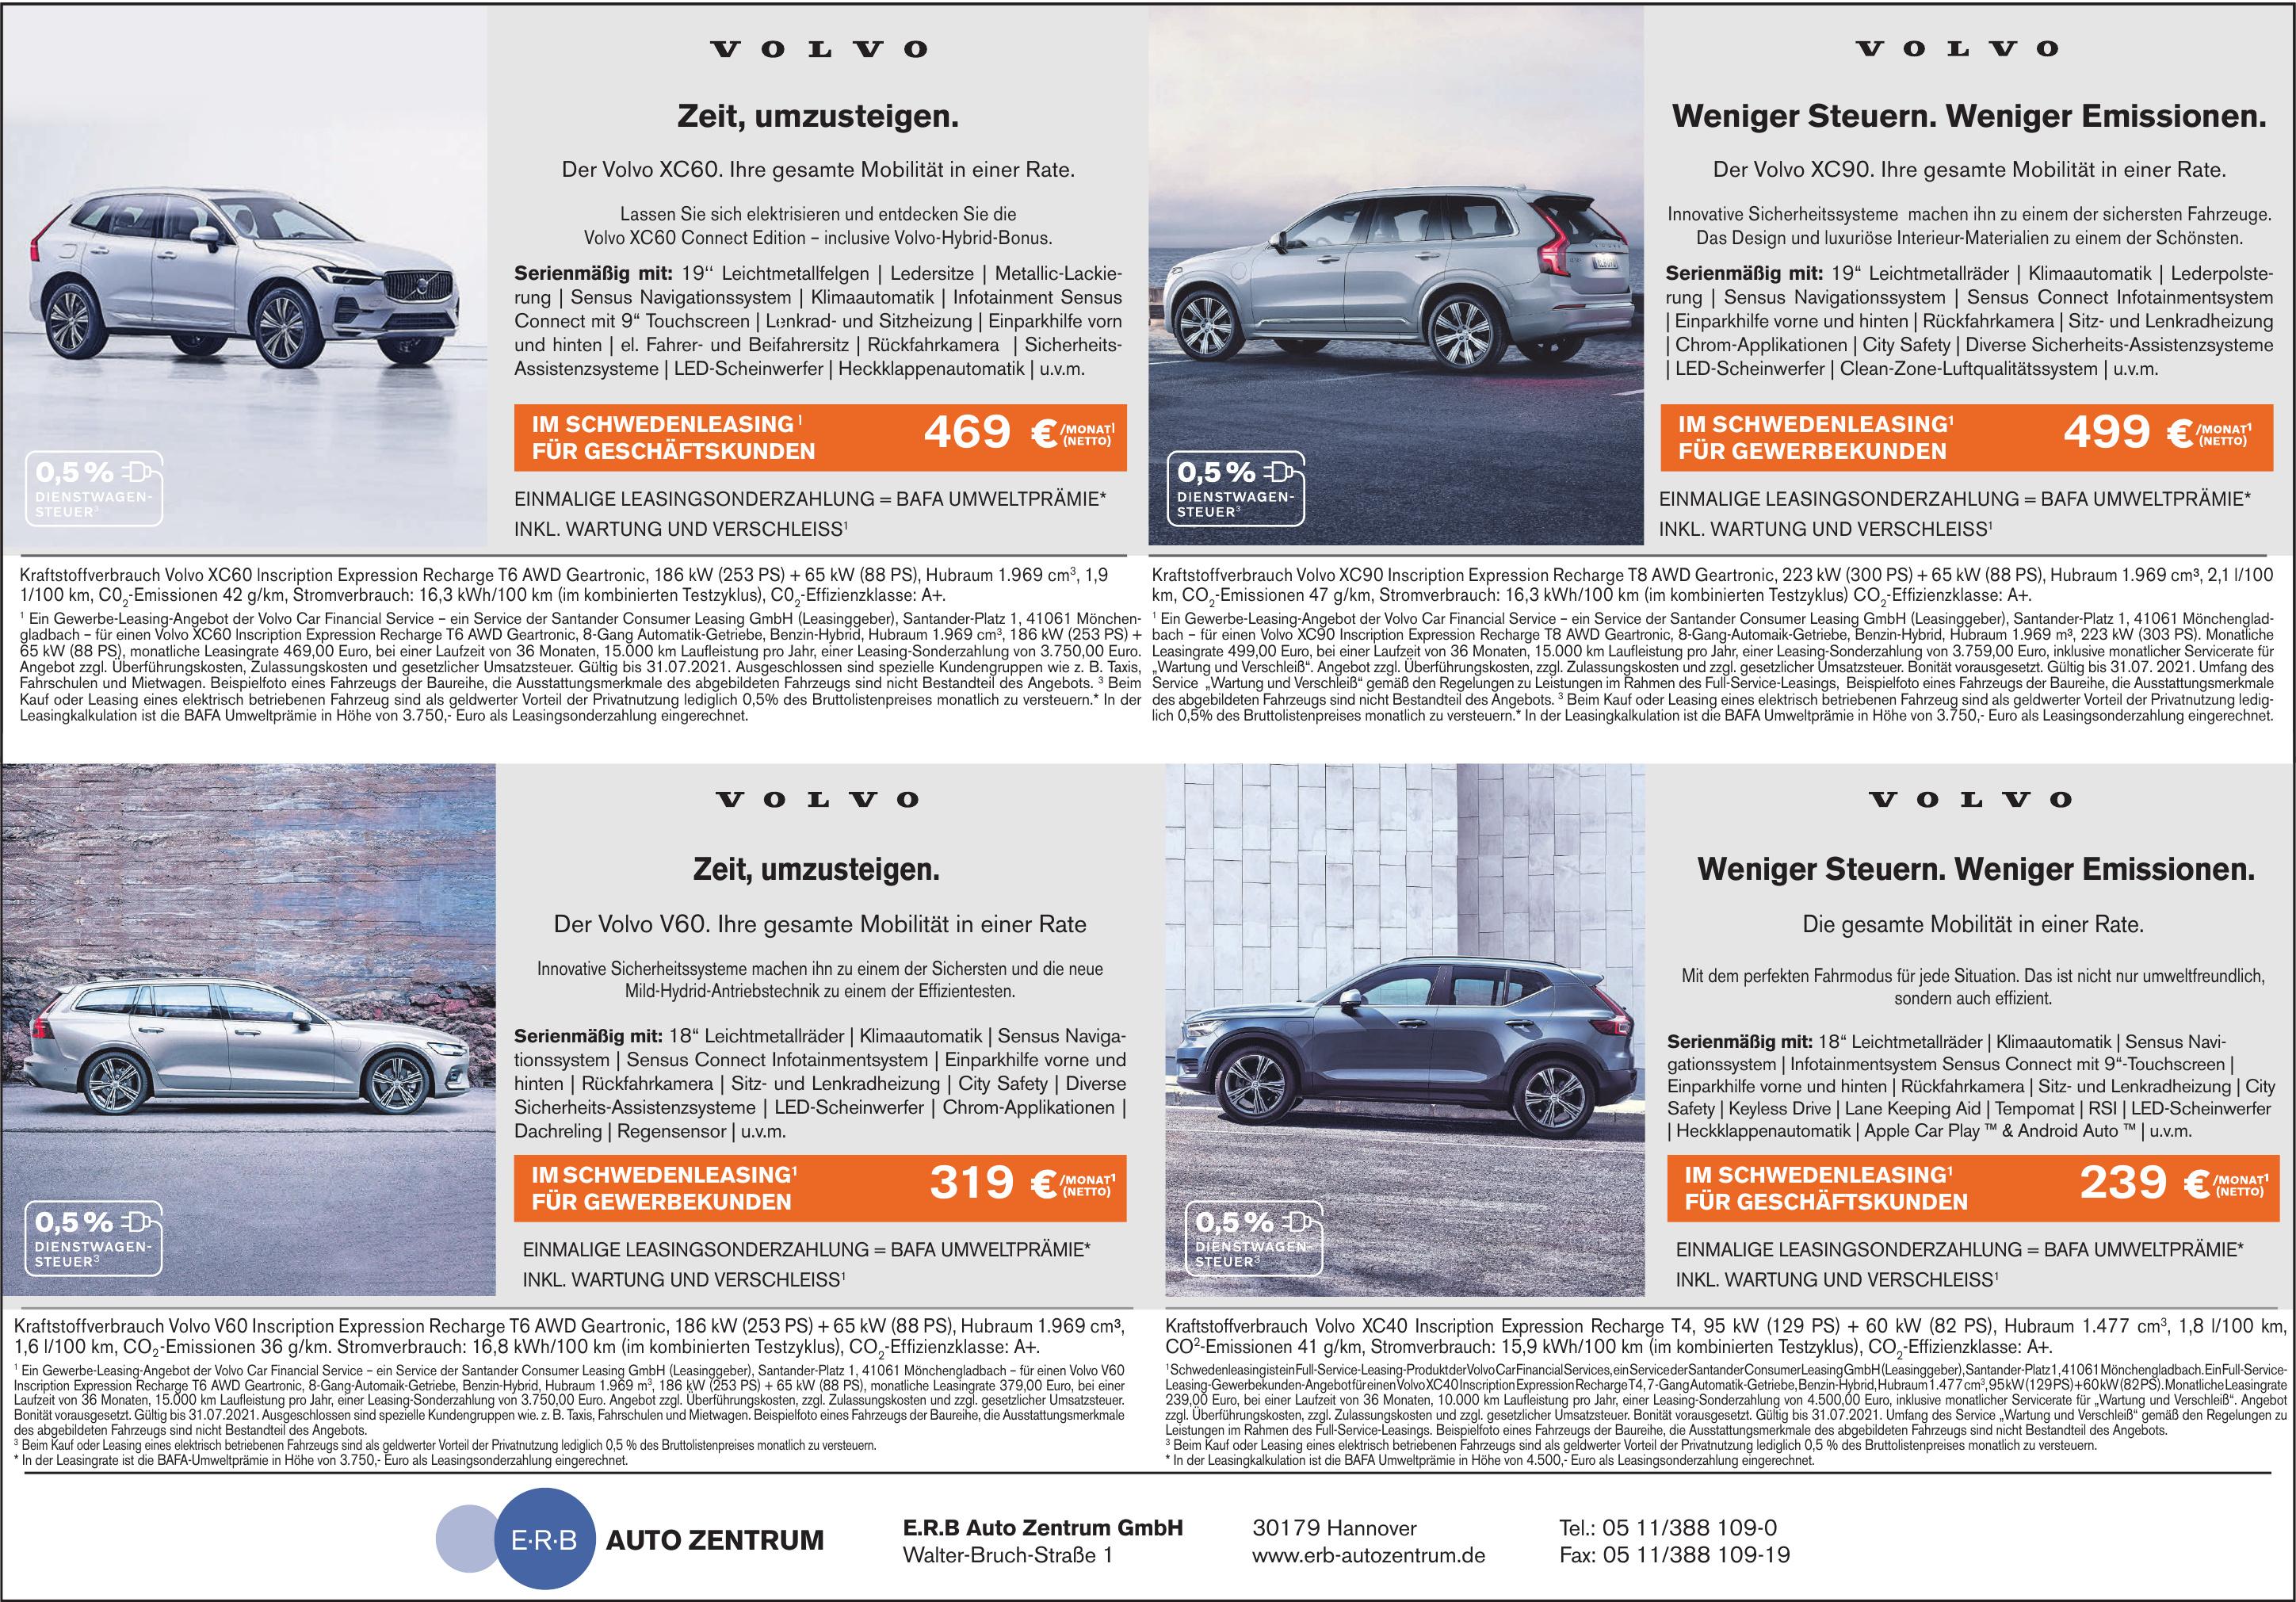 E.R.B Auto Zentrum GmbH